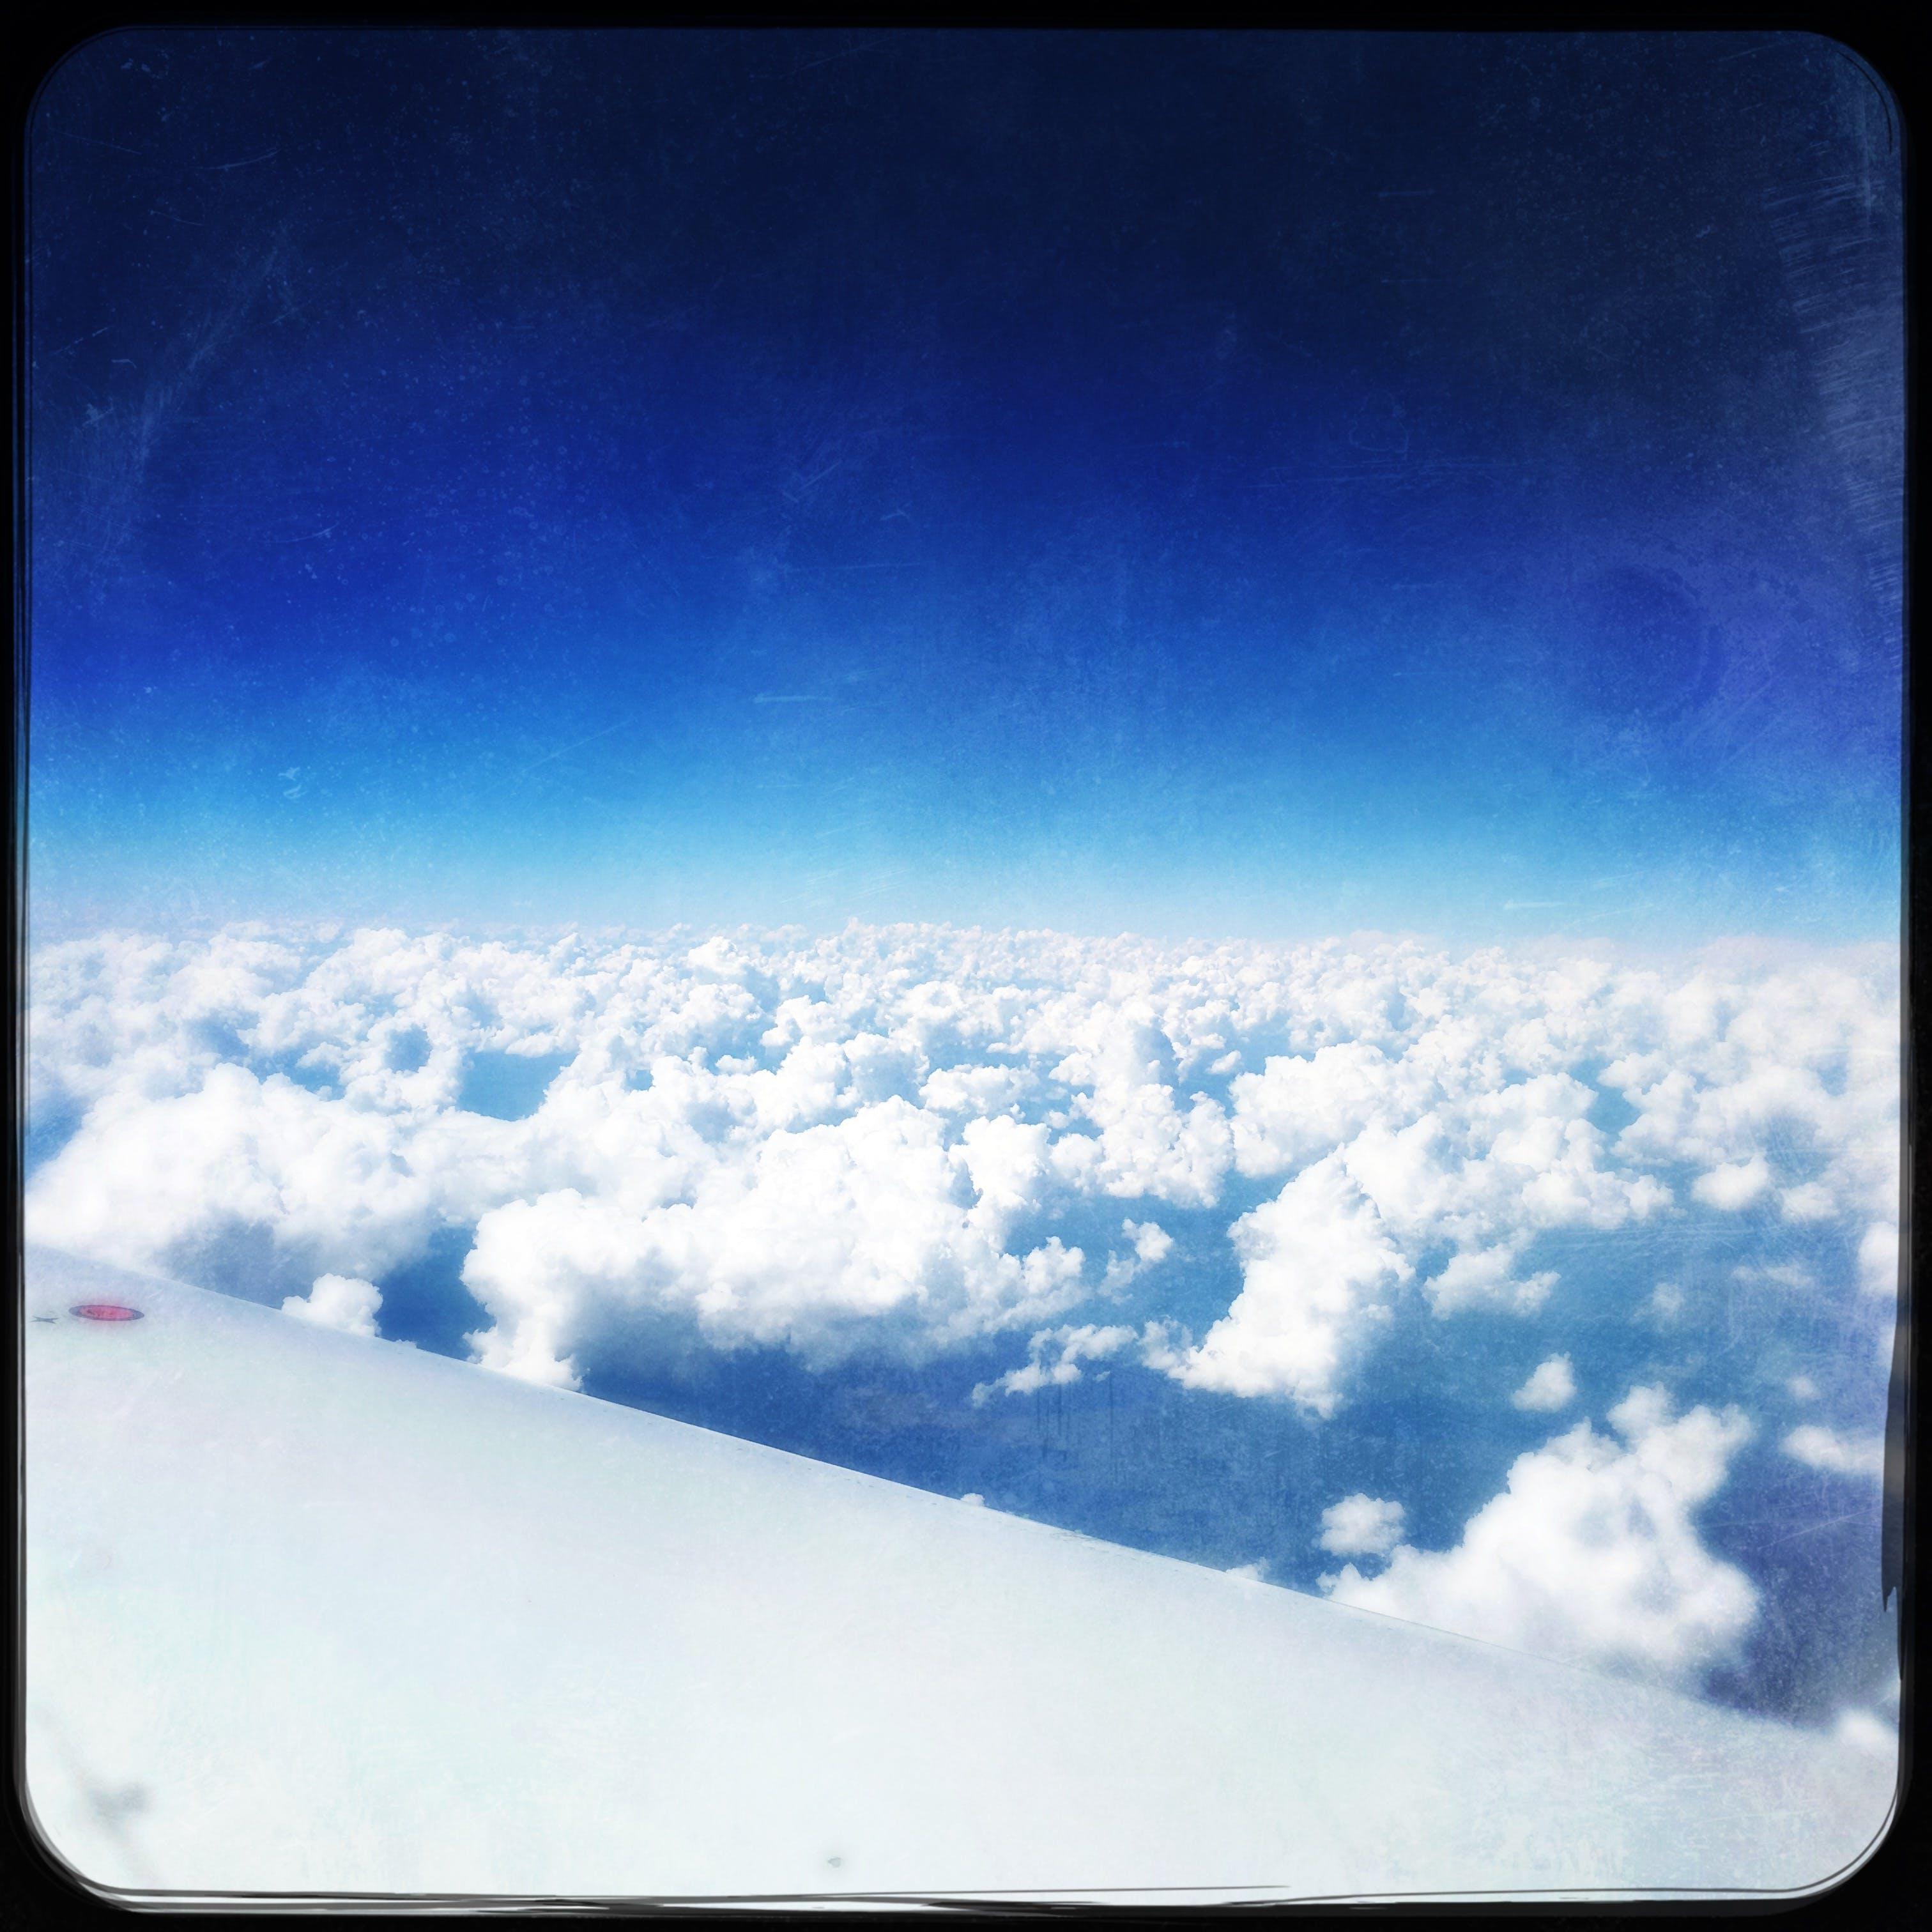 Ảnh lưu trữ miễn phí về chuyến bay, màu xanh da trời, những đám mây